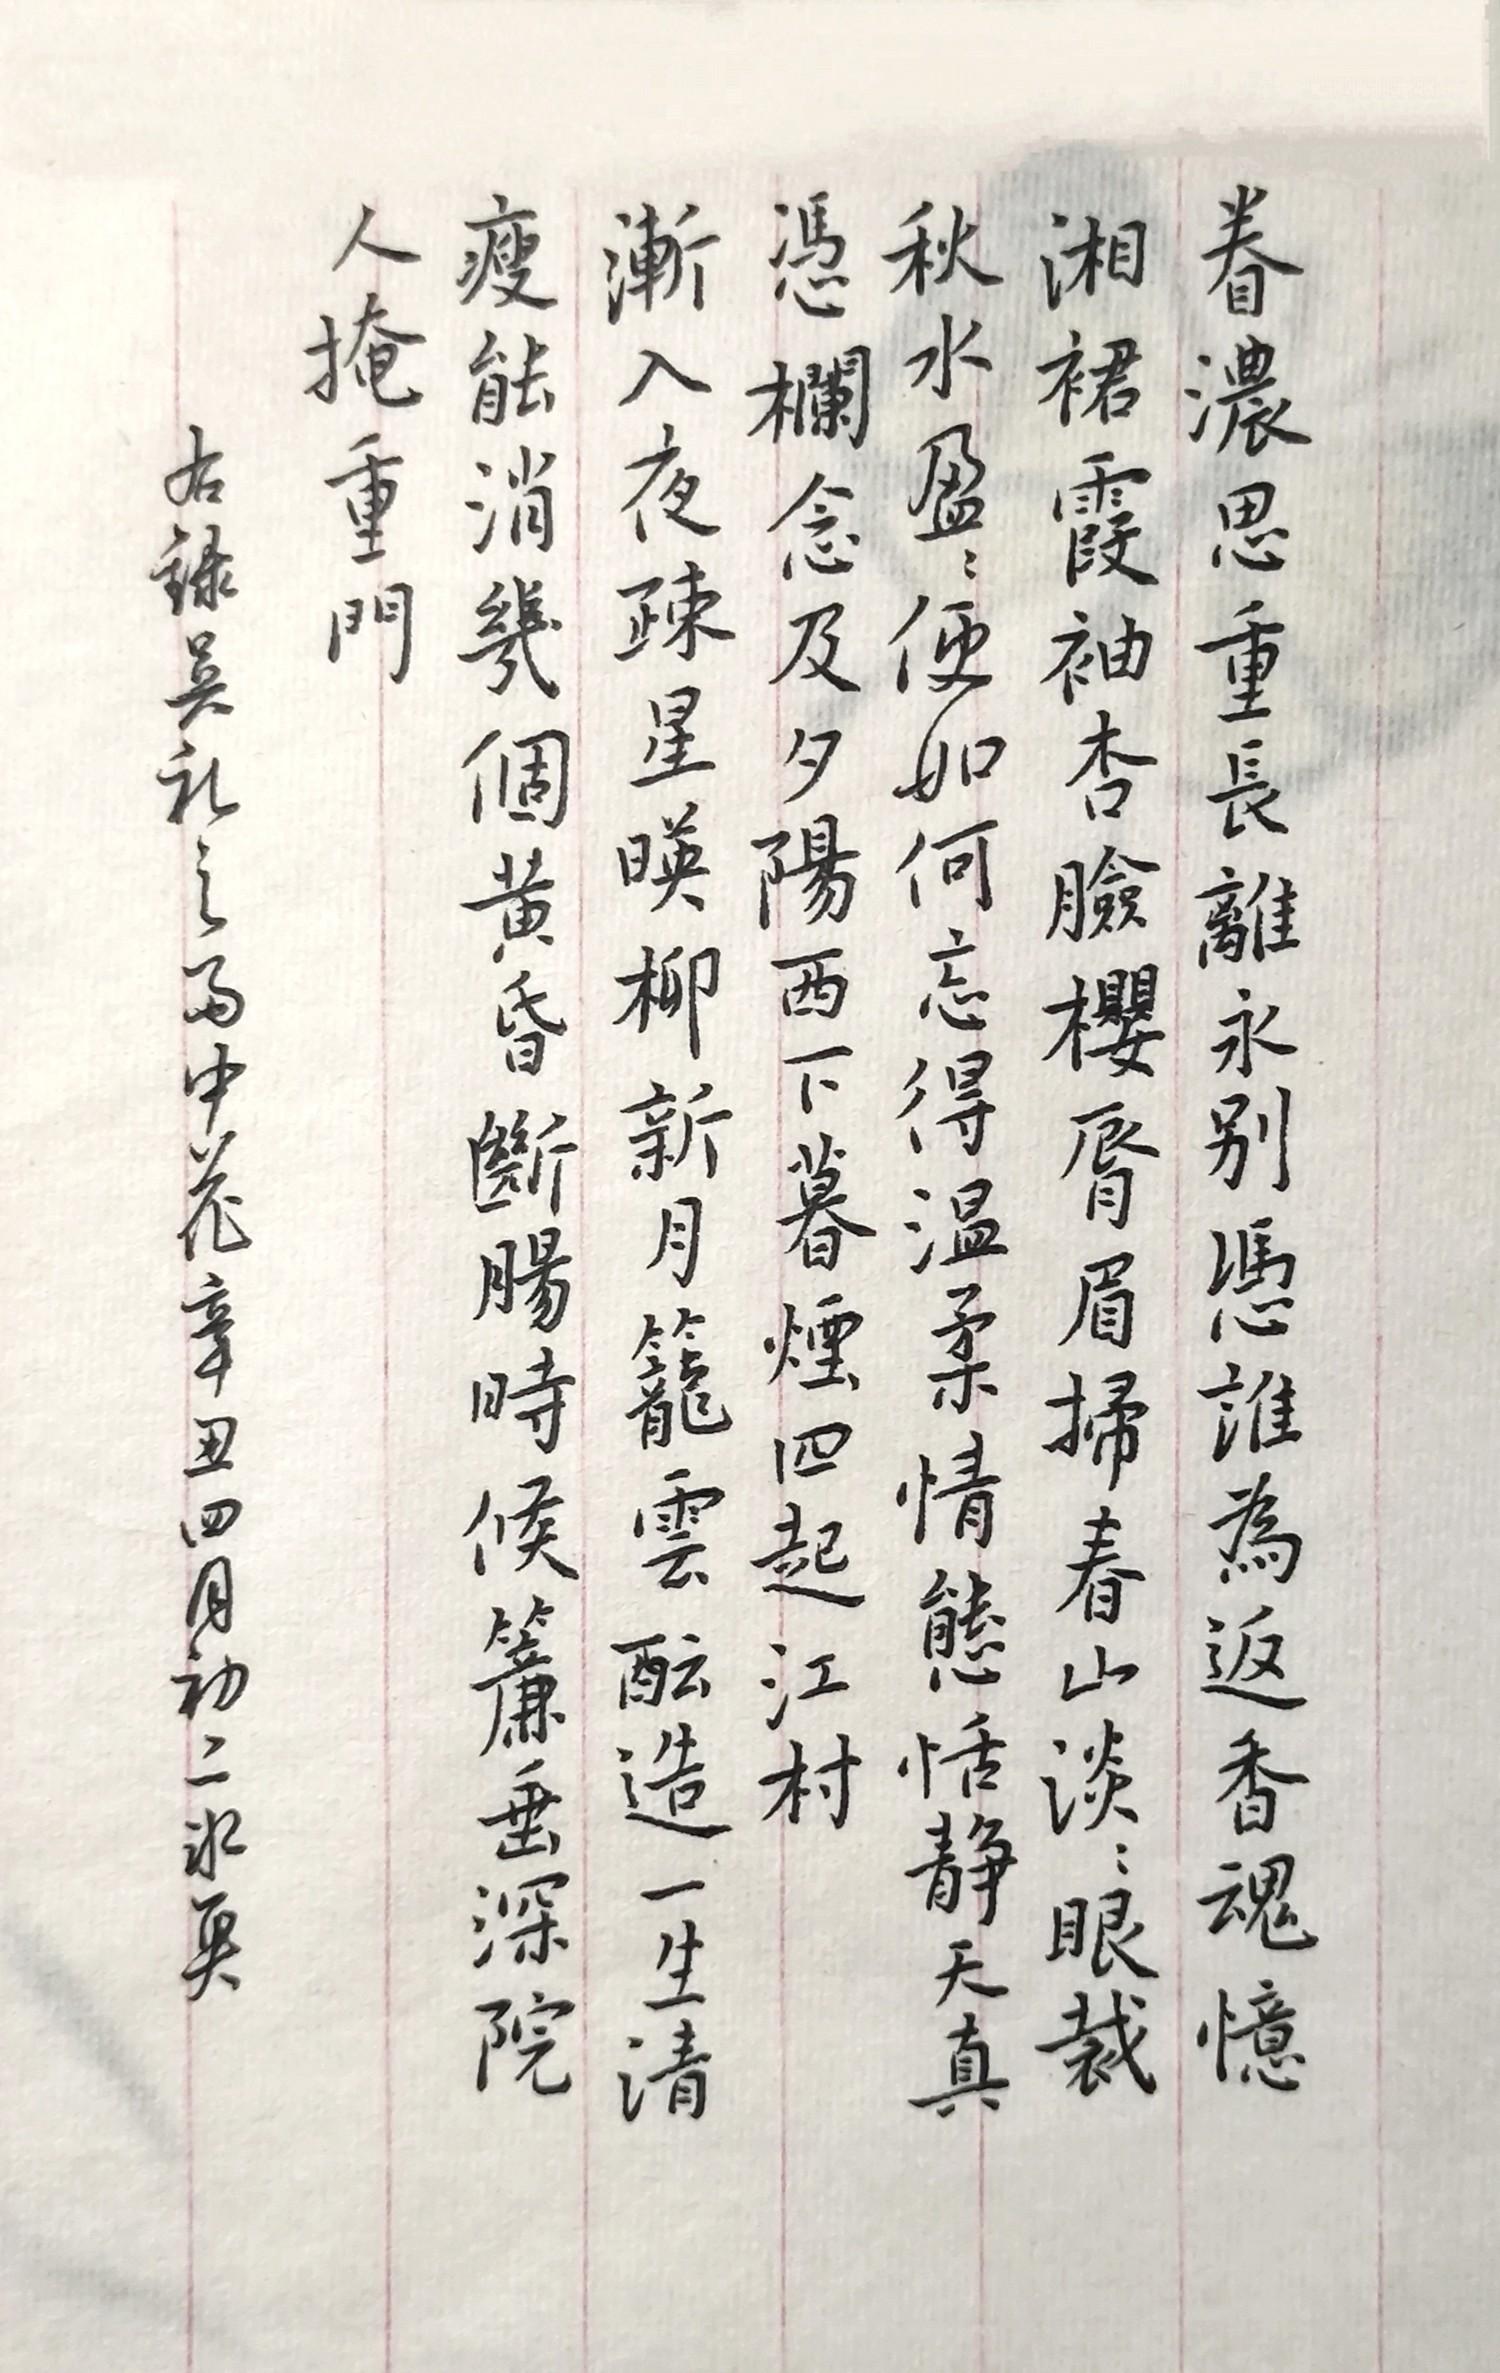 钢笔书法练字打卡20210518-09